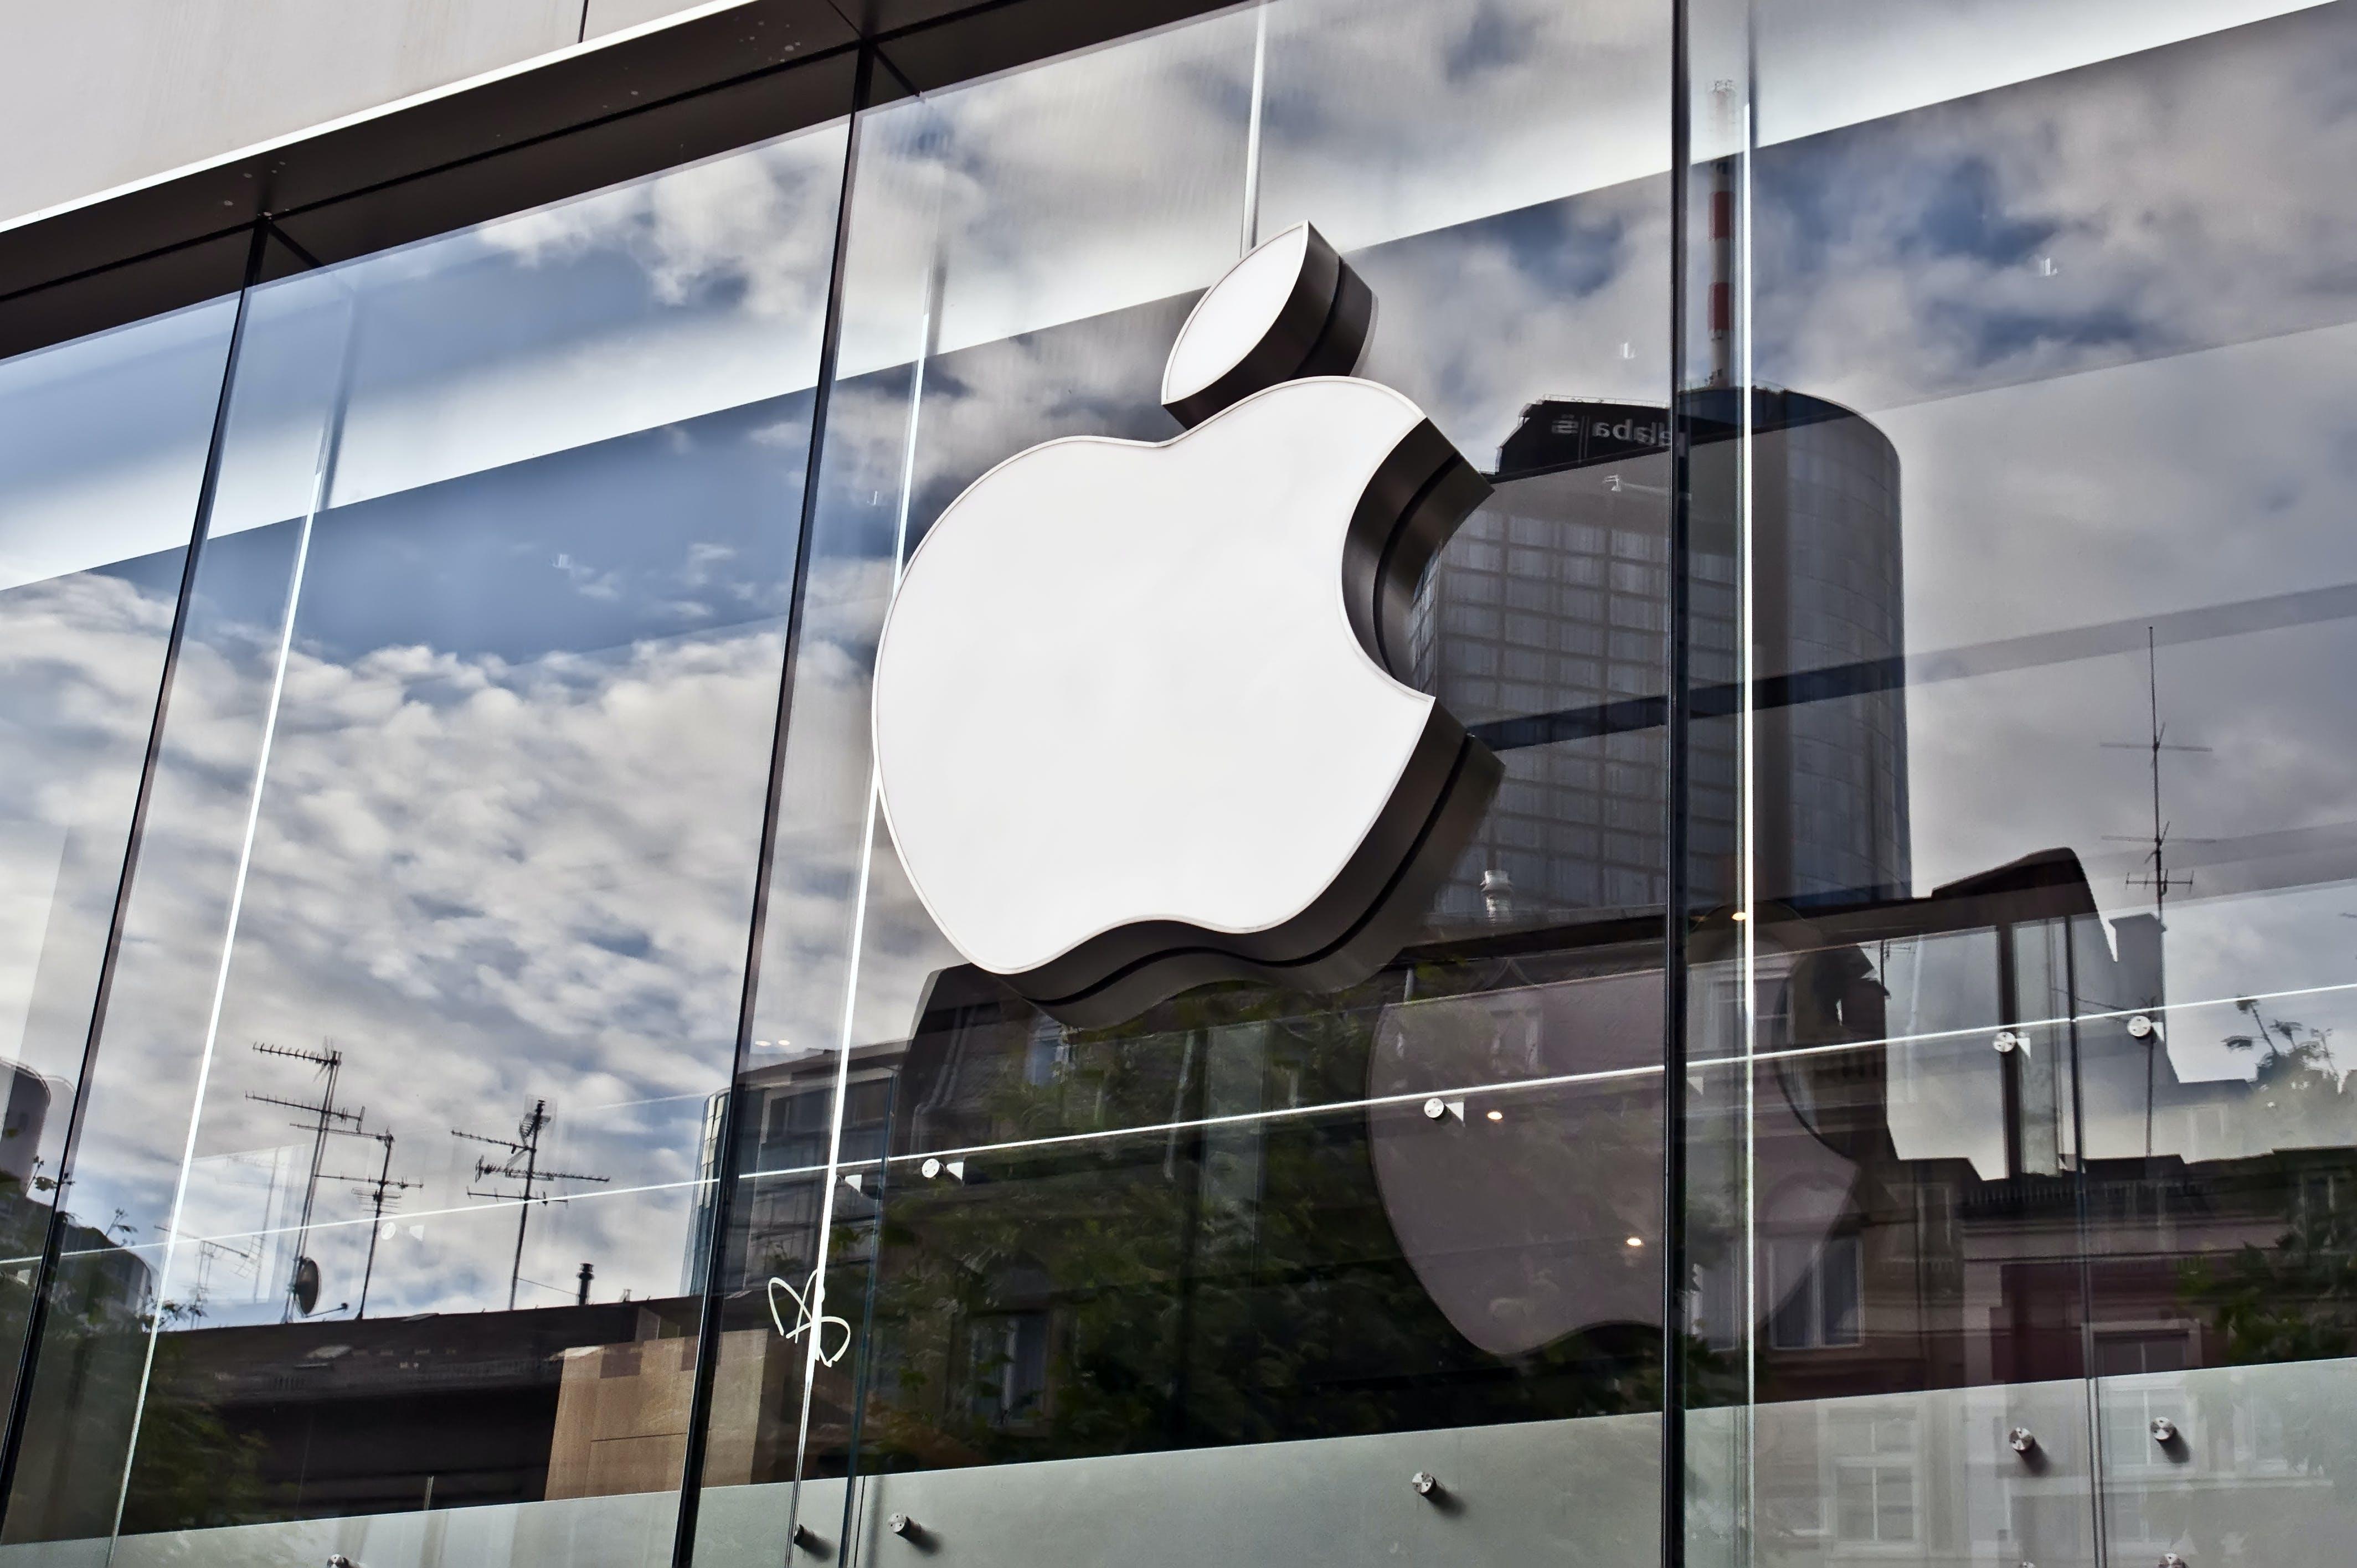 Wichtiger Akku-Rohstoff: Apple will Kobalt direkt von Minenbetreibern kaufen